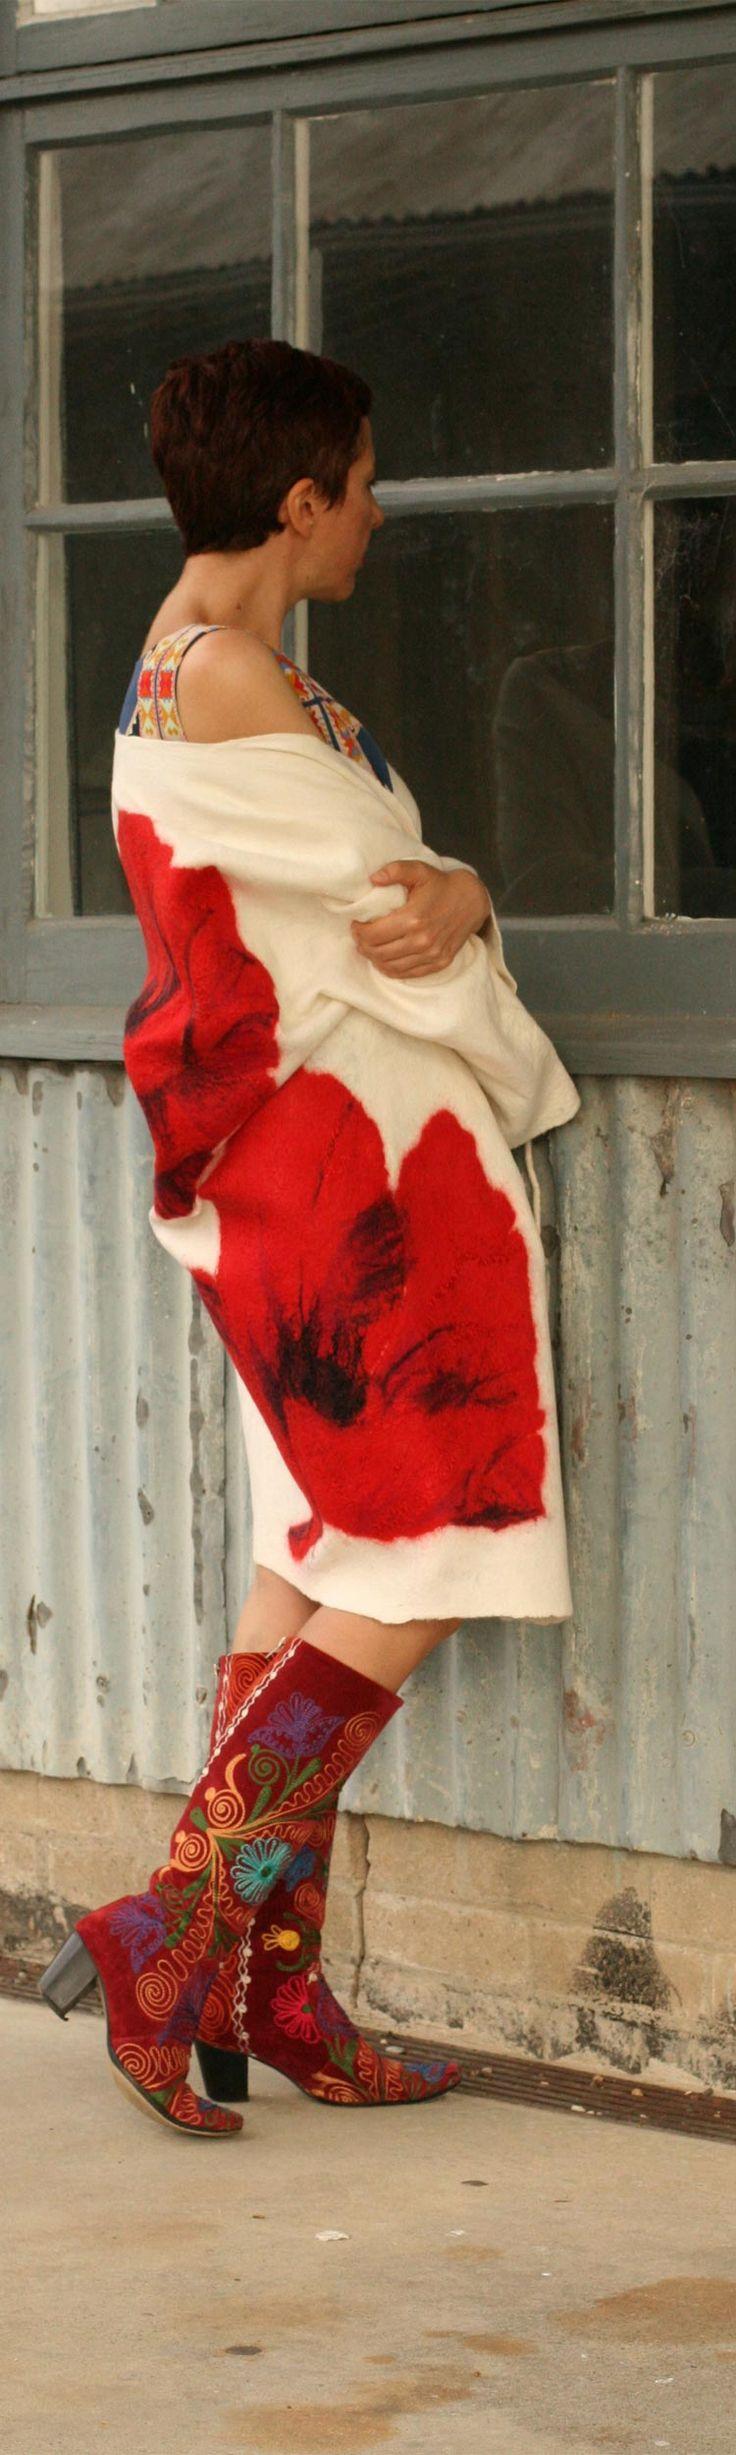 Buy wool felted jacket by Vera Alexanderova. #fashion #style #handmade #white #womensfashion #womenswear #coat #unique #wearables #art #sustainablefashion #sustainability #boho